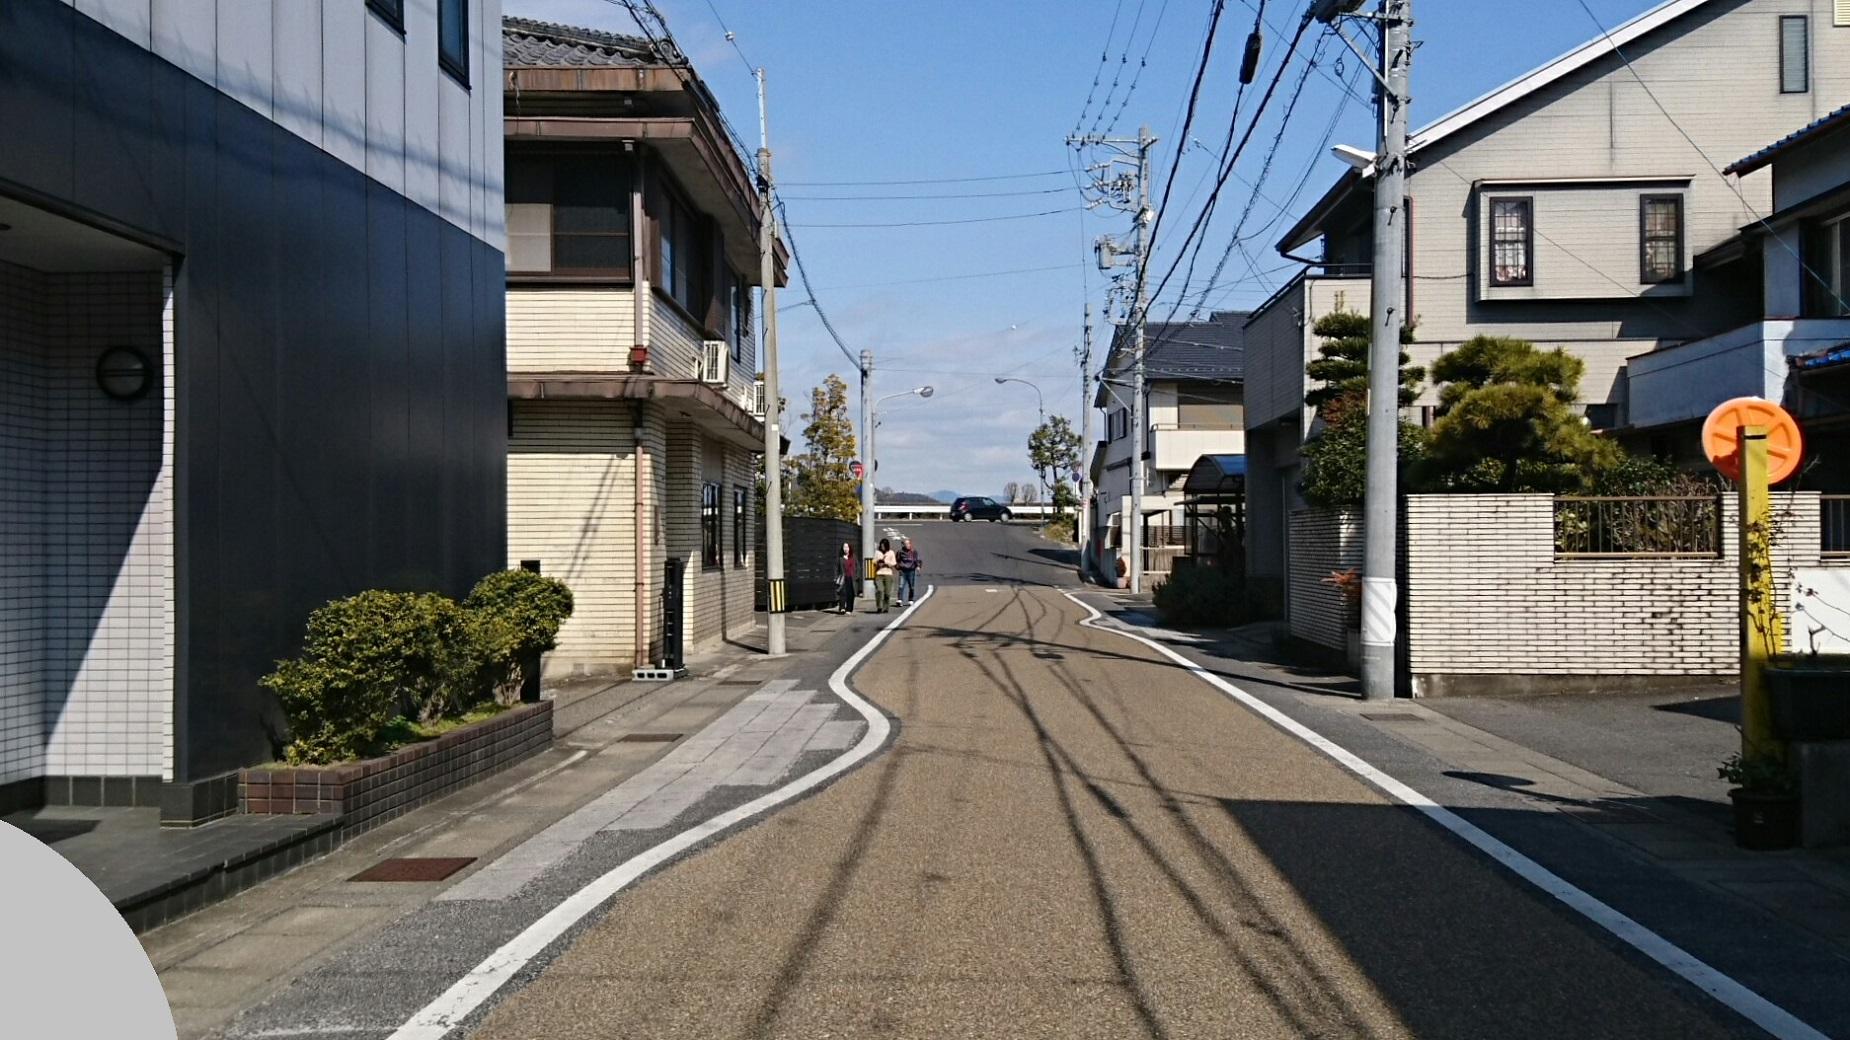 2018.2.19 岐阜 (147) 堤防道路につきあたる 1850-1040